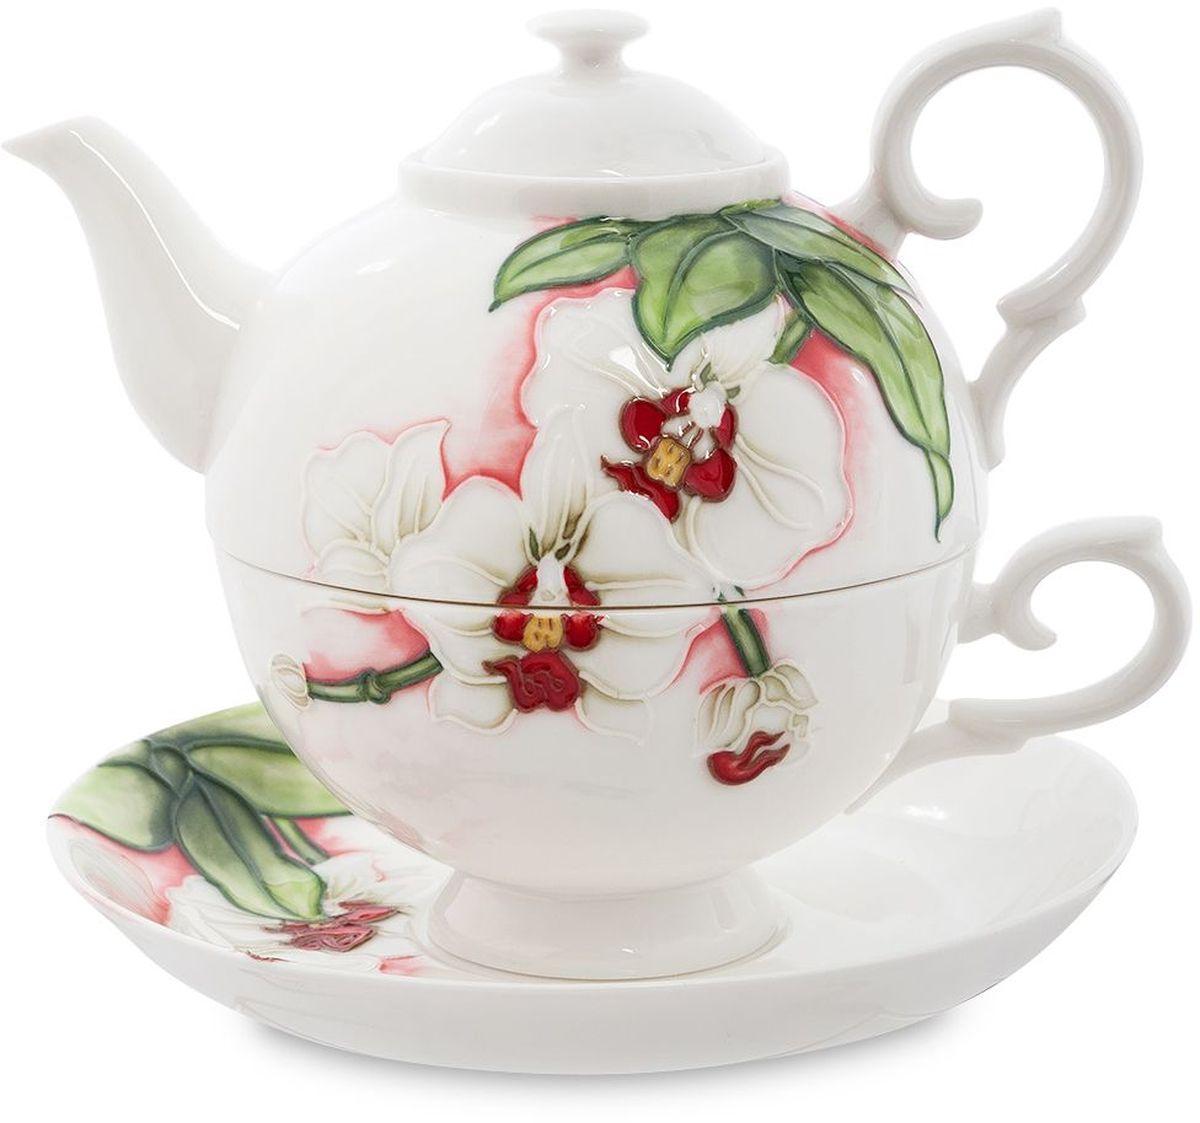 Набор чайный Pavone Королевская орхидея, 3 предмета. 451610451610Объем чайника: 400 млОбъем чаши: 250 млДиаметр блюдца: 15 см